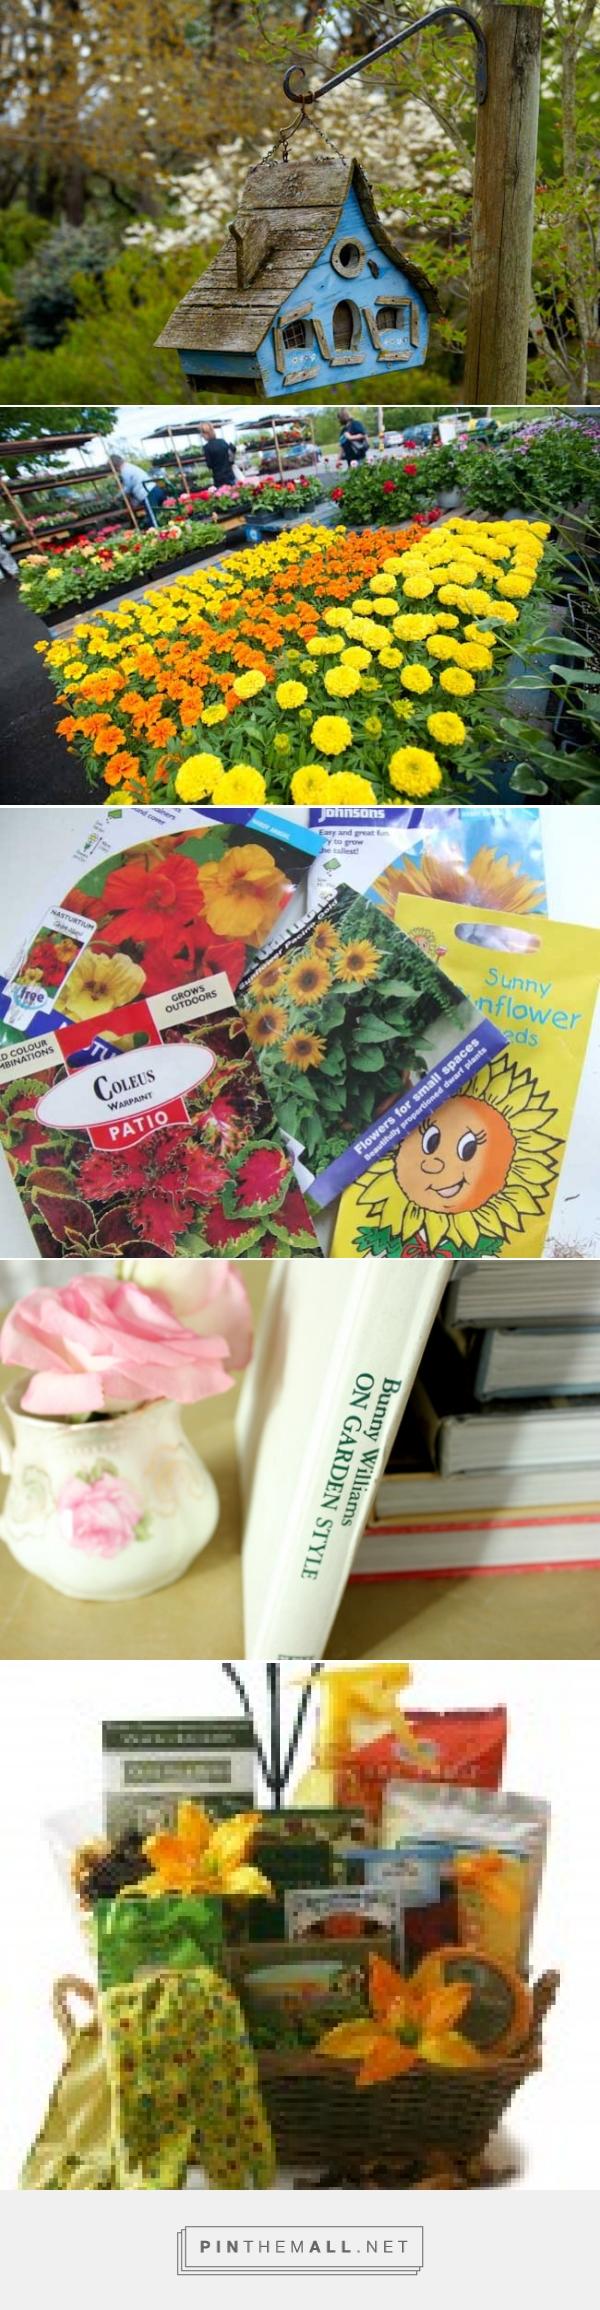 Garden Gift Ideas For Motheru0027s Day